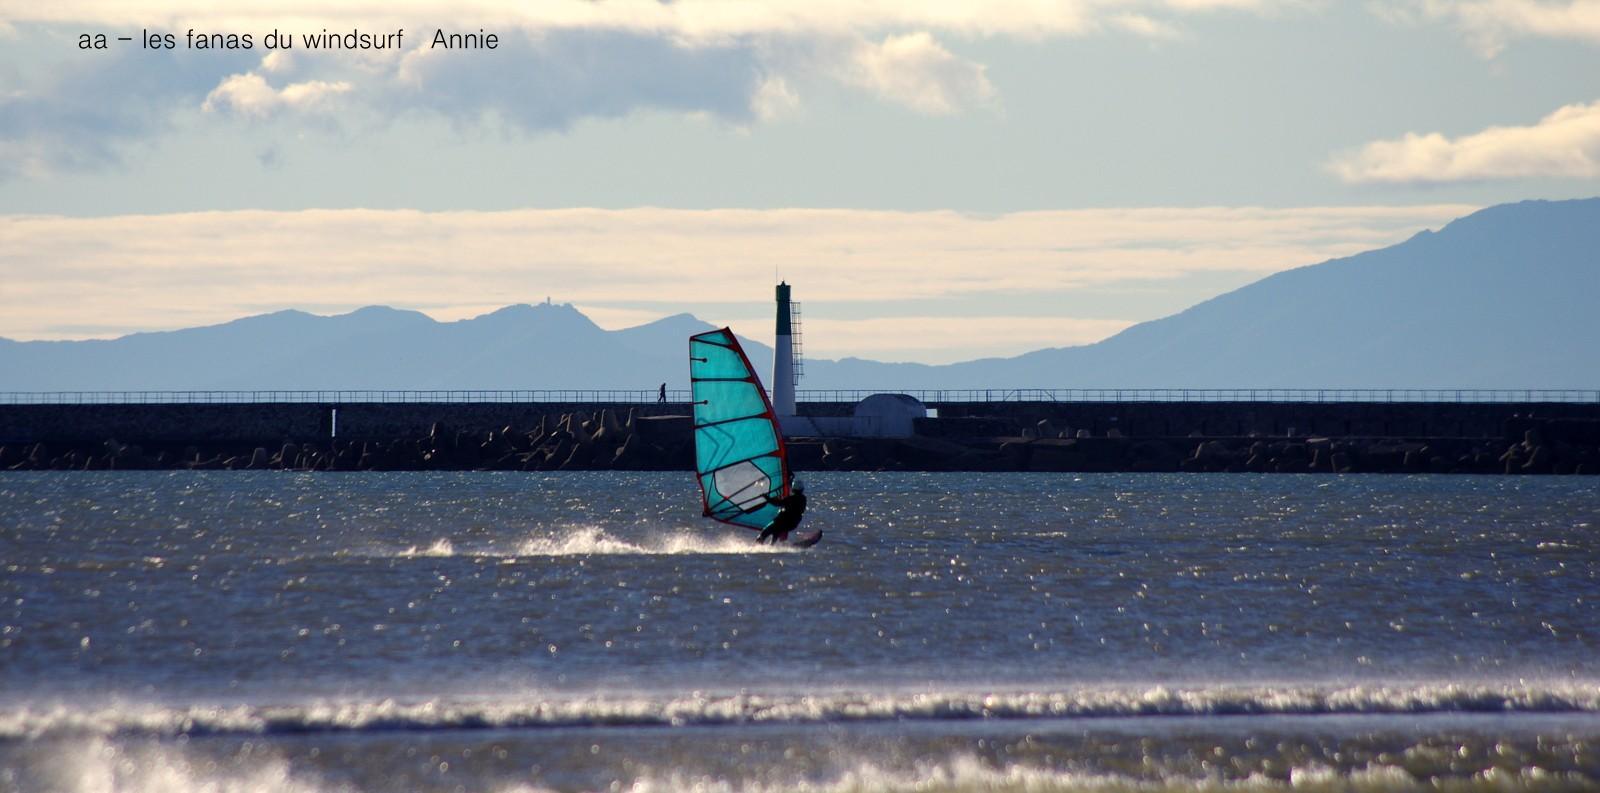 Surf report port la nouvelle plage nord 11 du 2016 12 - Meteo port la nouvelle ...